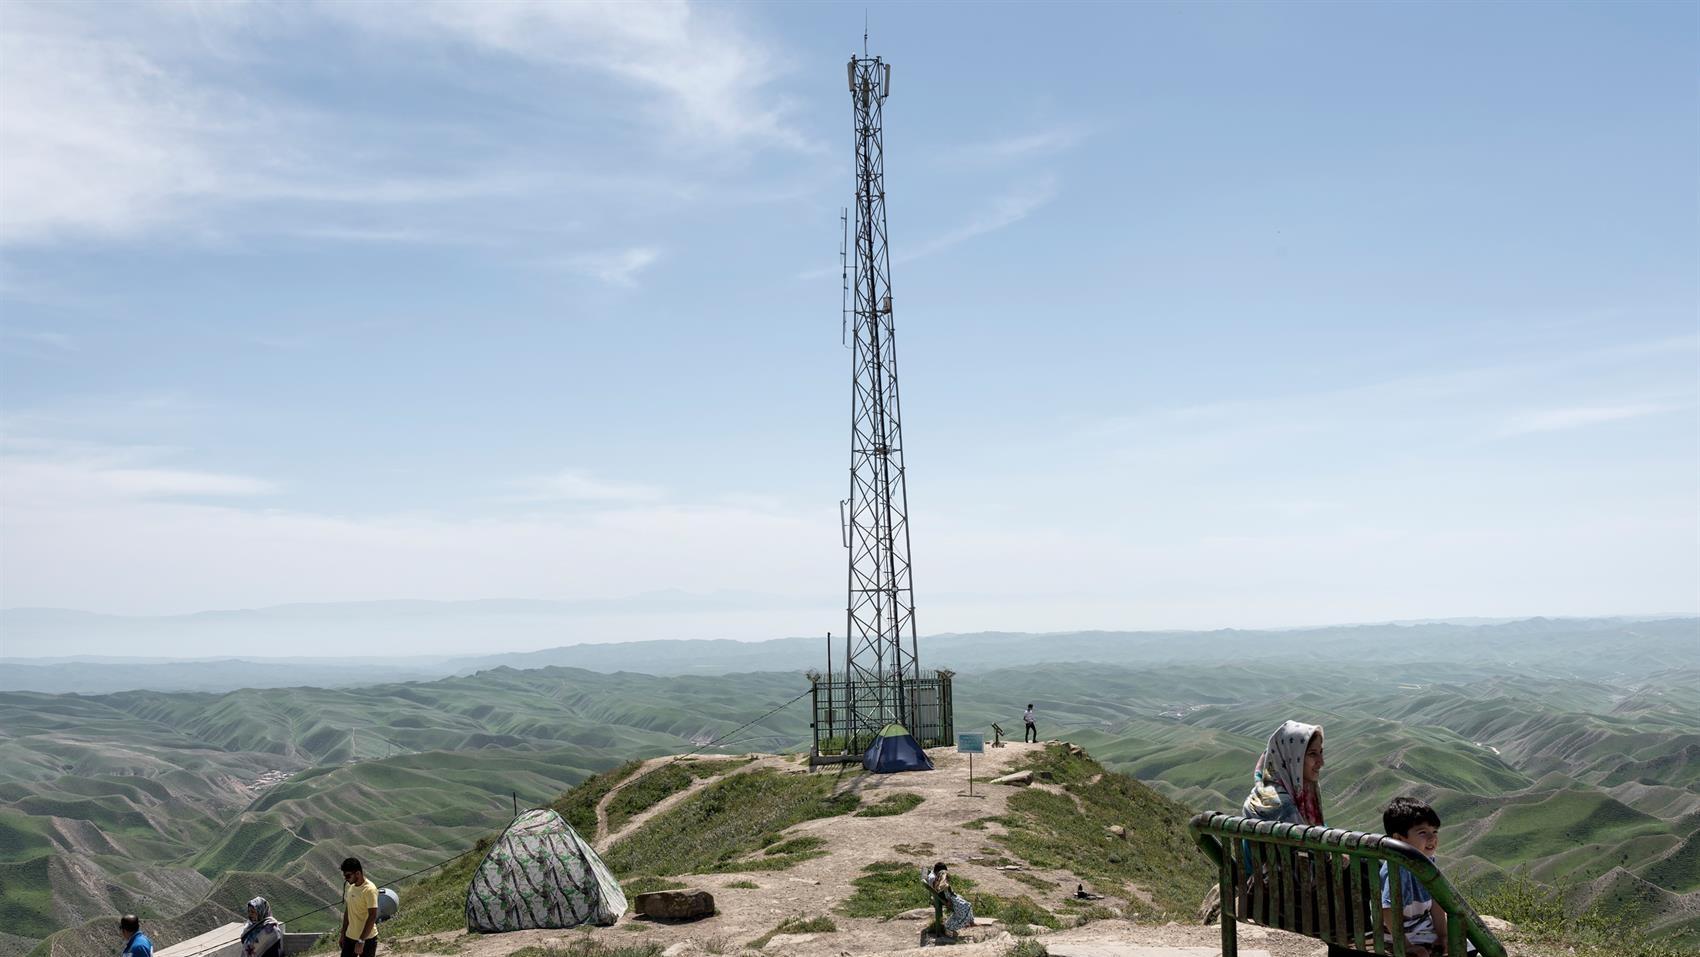 وضعیت اینترنت روستاهای کشور چگونه است؟